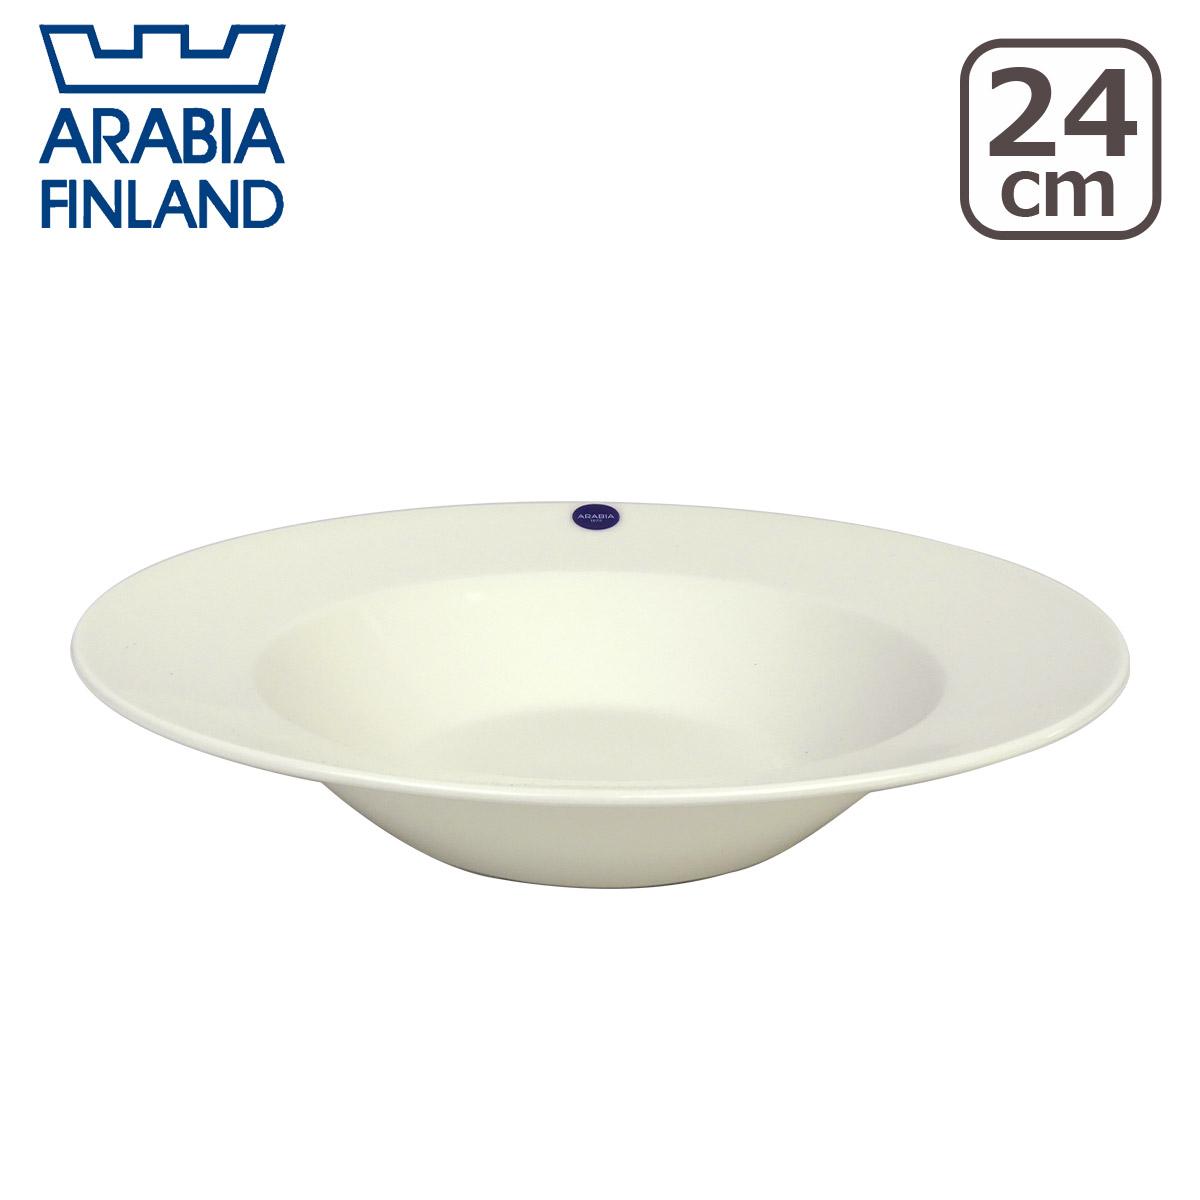 アラビア(Arabia) ココ(koko) 24cm プレートディープ ホワイト 北欧 フィンランド 食器